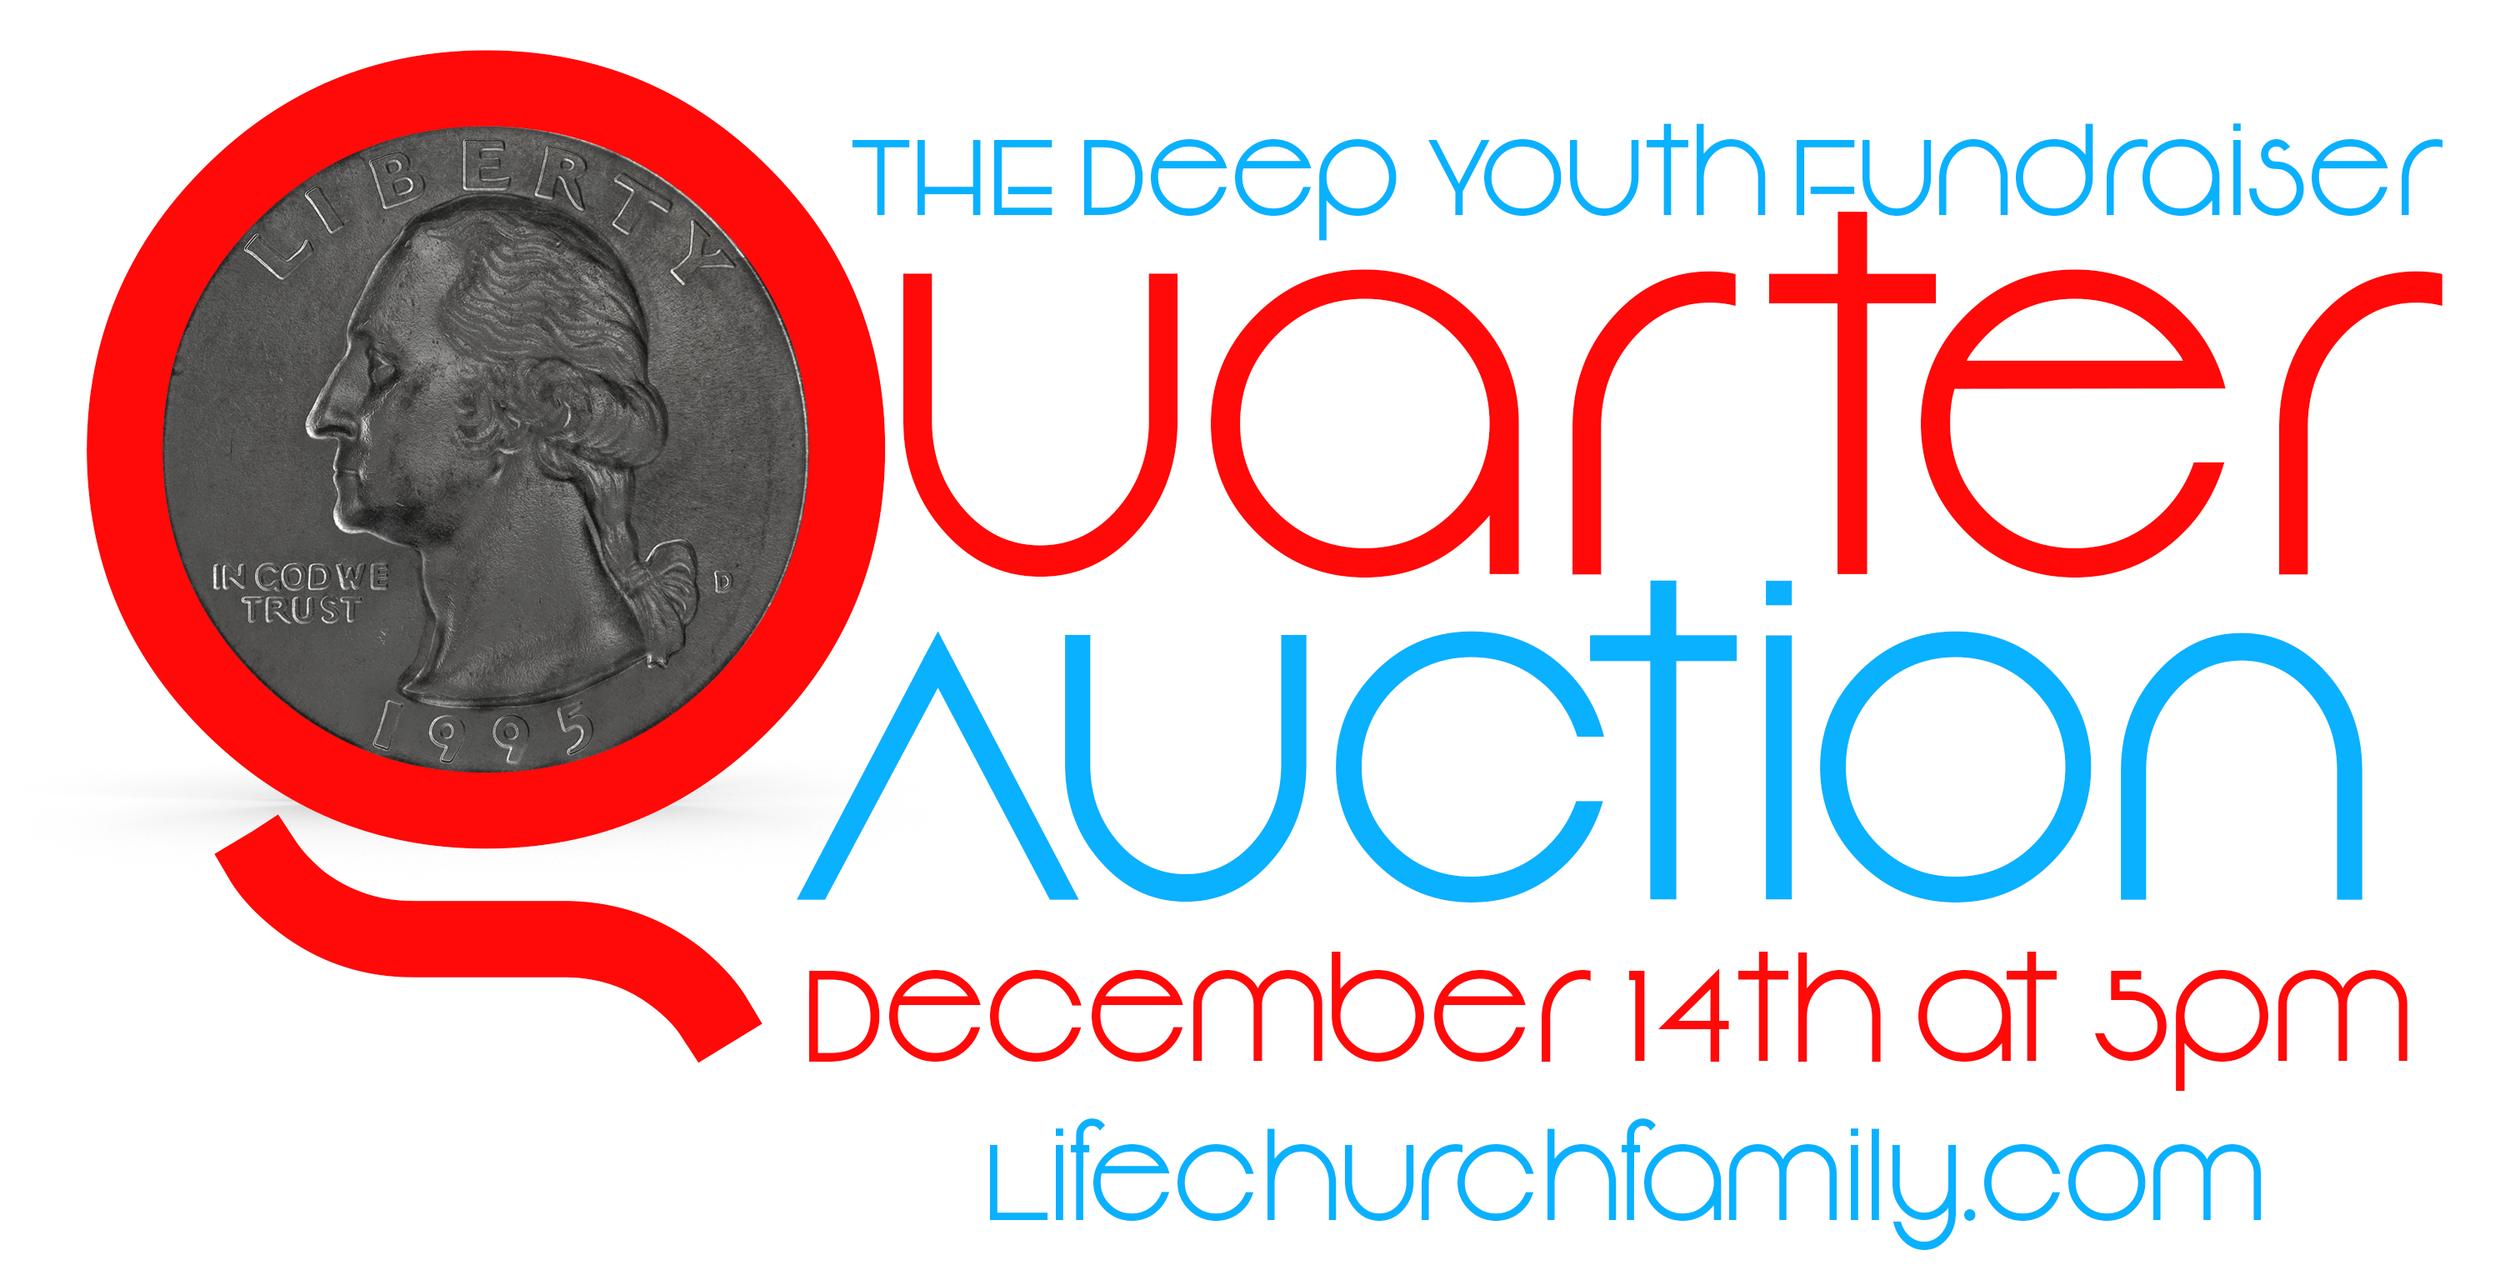 Quarter Auction.png